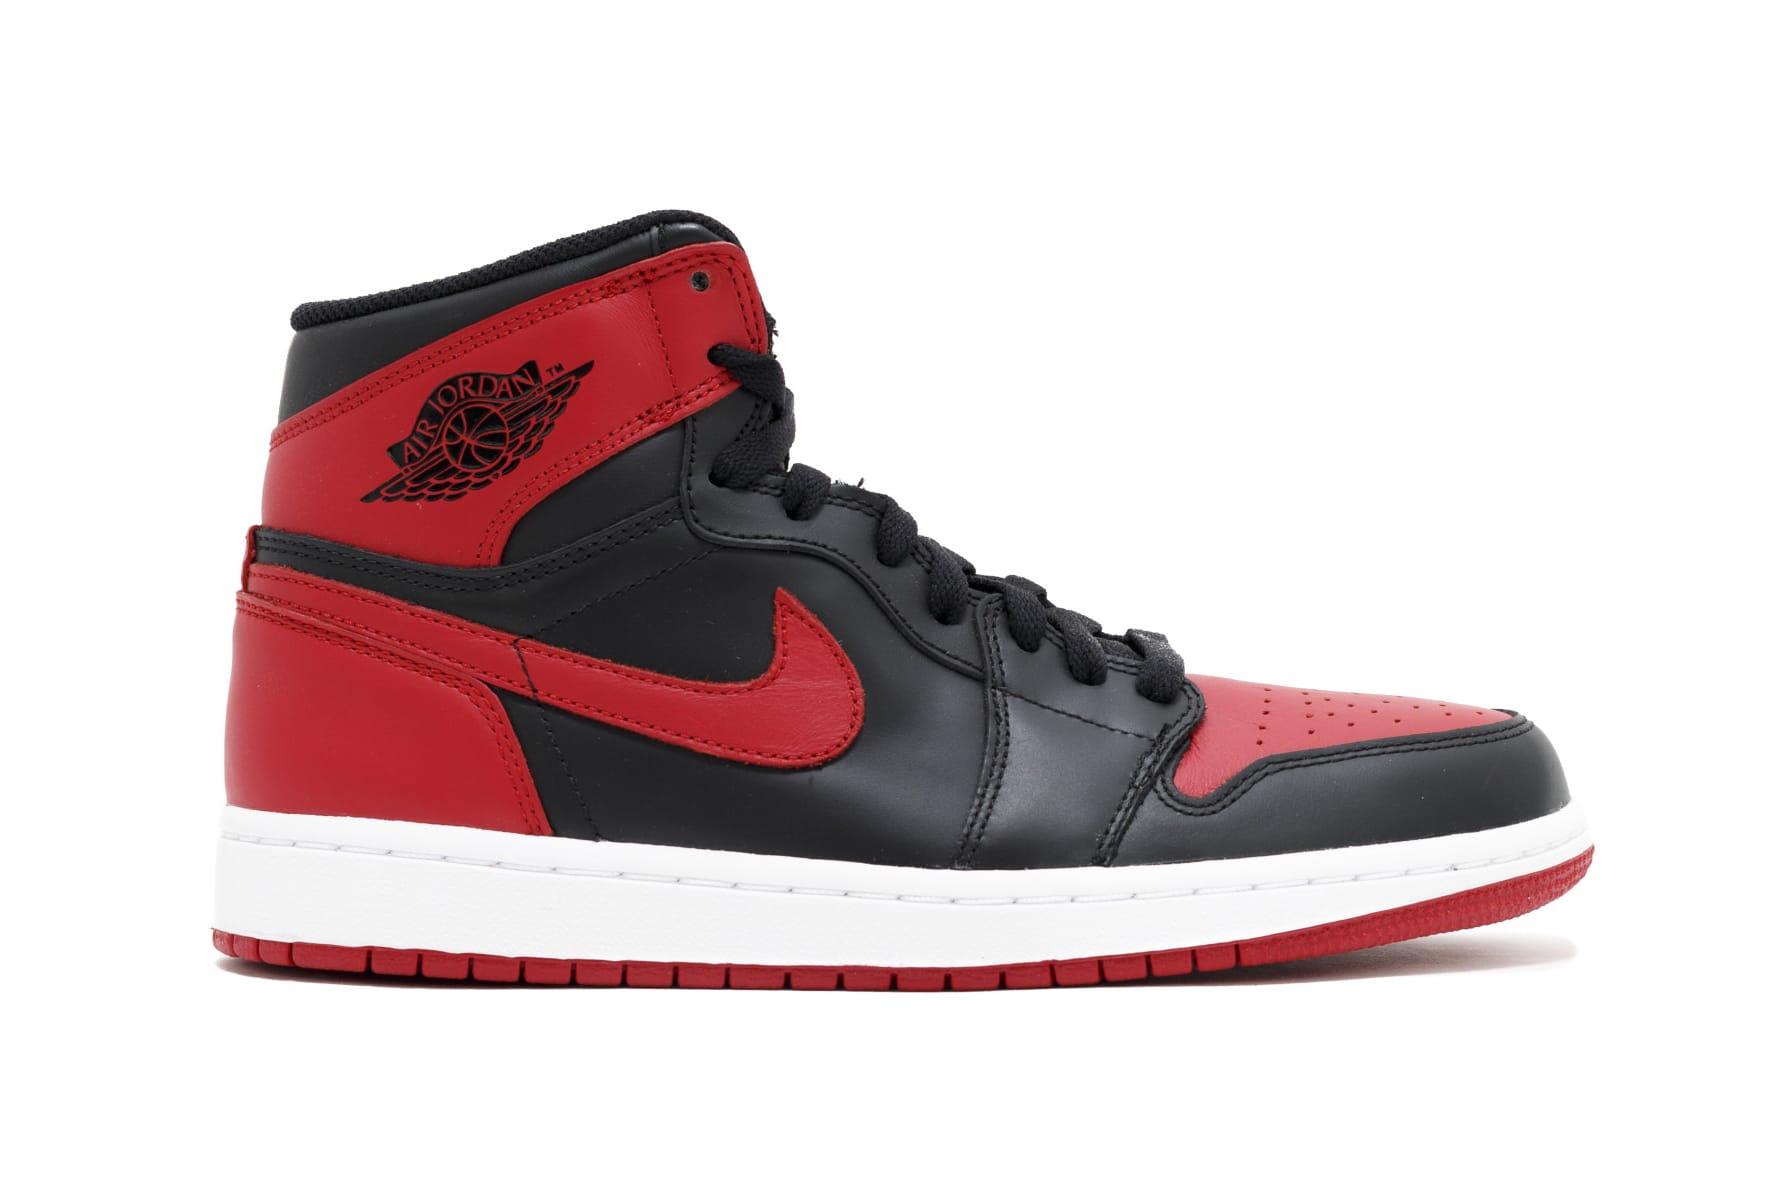 Air Jordan 1 Retro「Bred」或將於今年Black